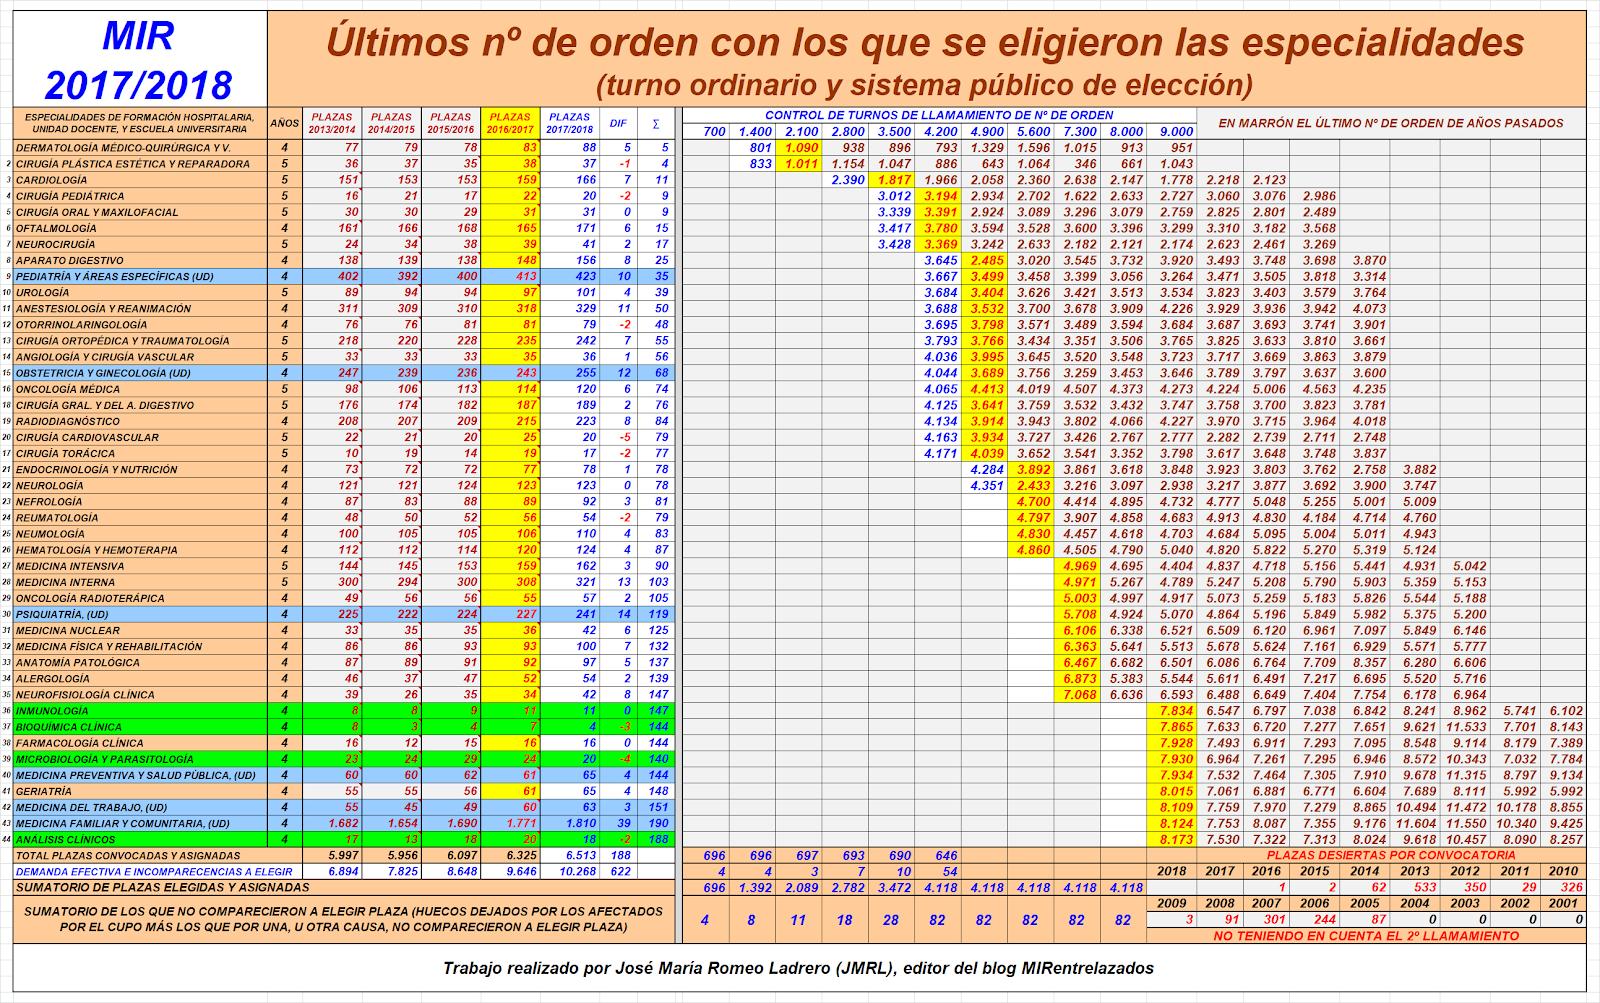 Moderno La Parte Superior Reanuda Ejemplos 2013 Cresta - Ejemplo De ...